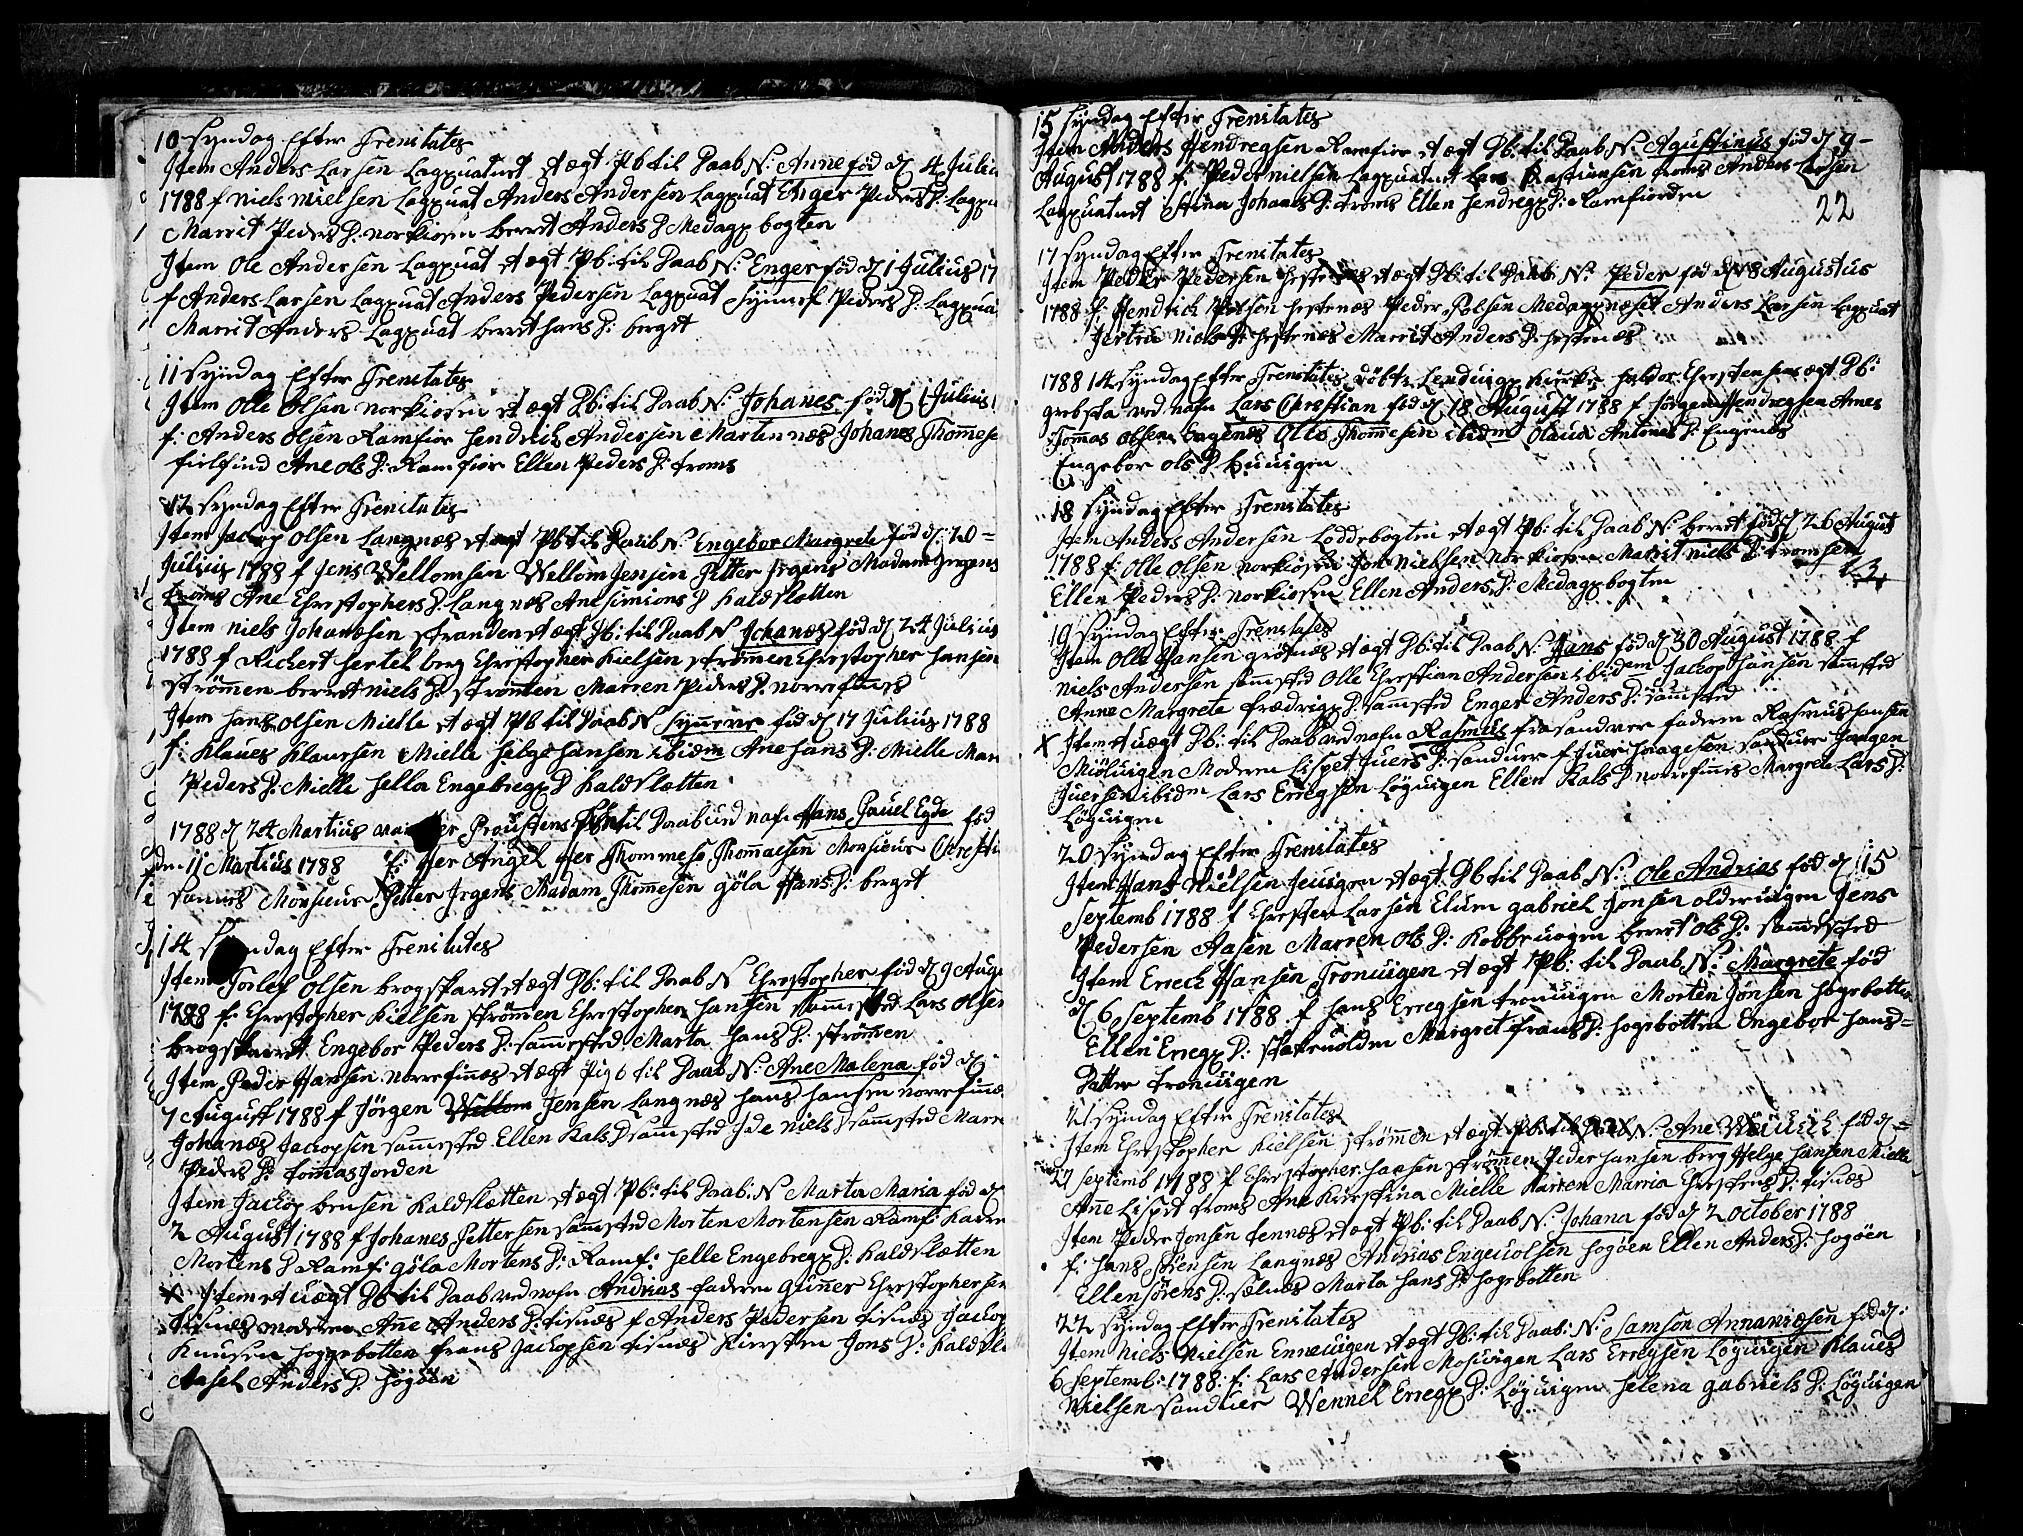 SATØ, Tromsø sokneprestkontor/stiftsprosti/domprosti, G/Ga/L0004kirke: Ministerialbok nr. 4, 1787-1795, s. 22